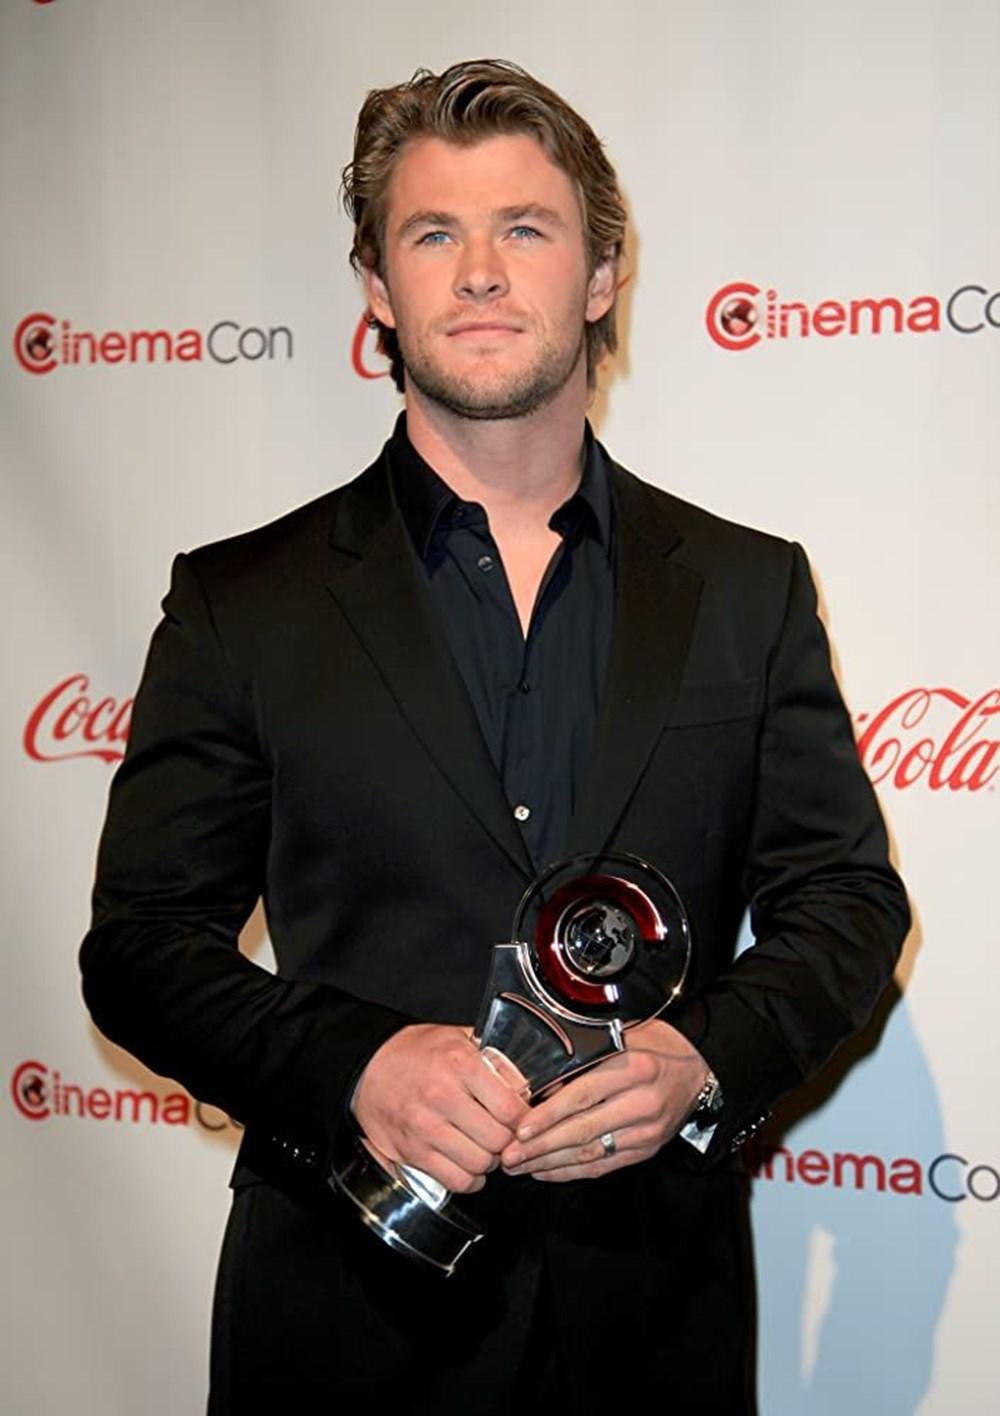 Chris Hemsworth 11 yılda zirveye çıktı (Chris Hemsworth filmleri) - 2